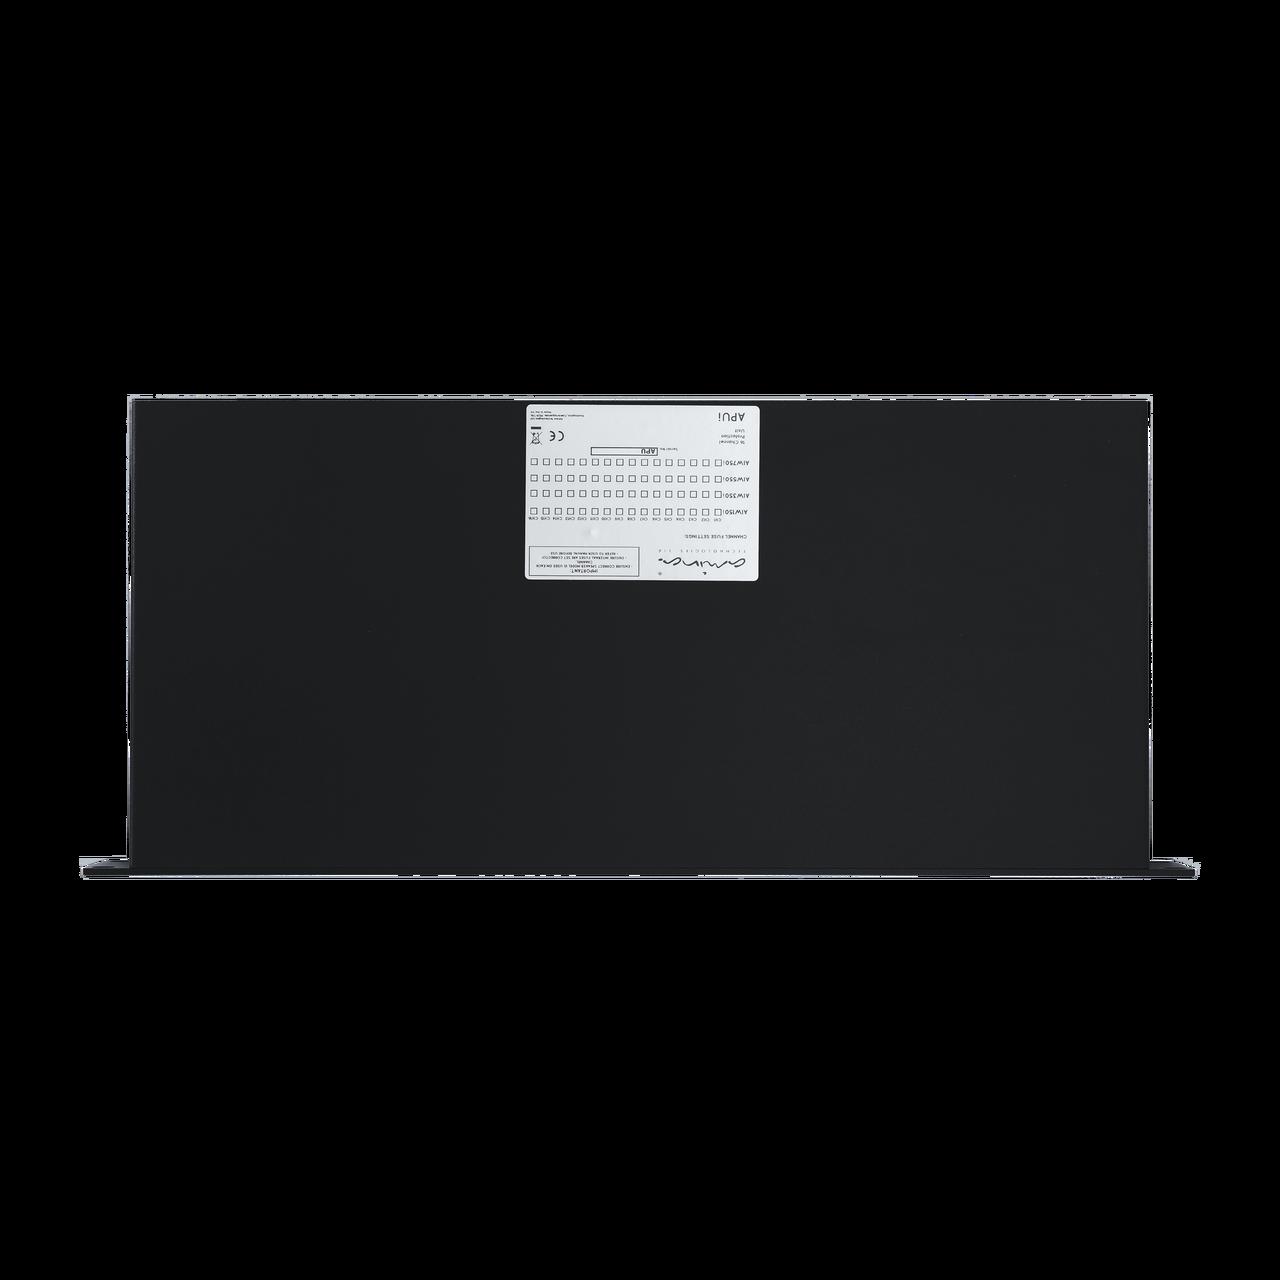 16-канальный модуль защиты Amina APU-RS16iC